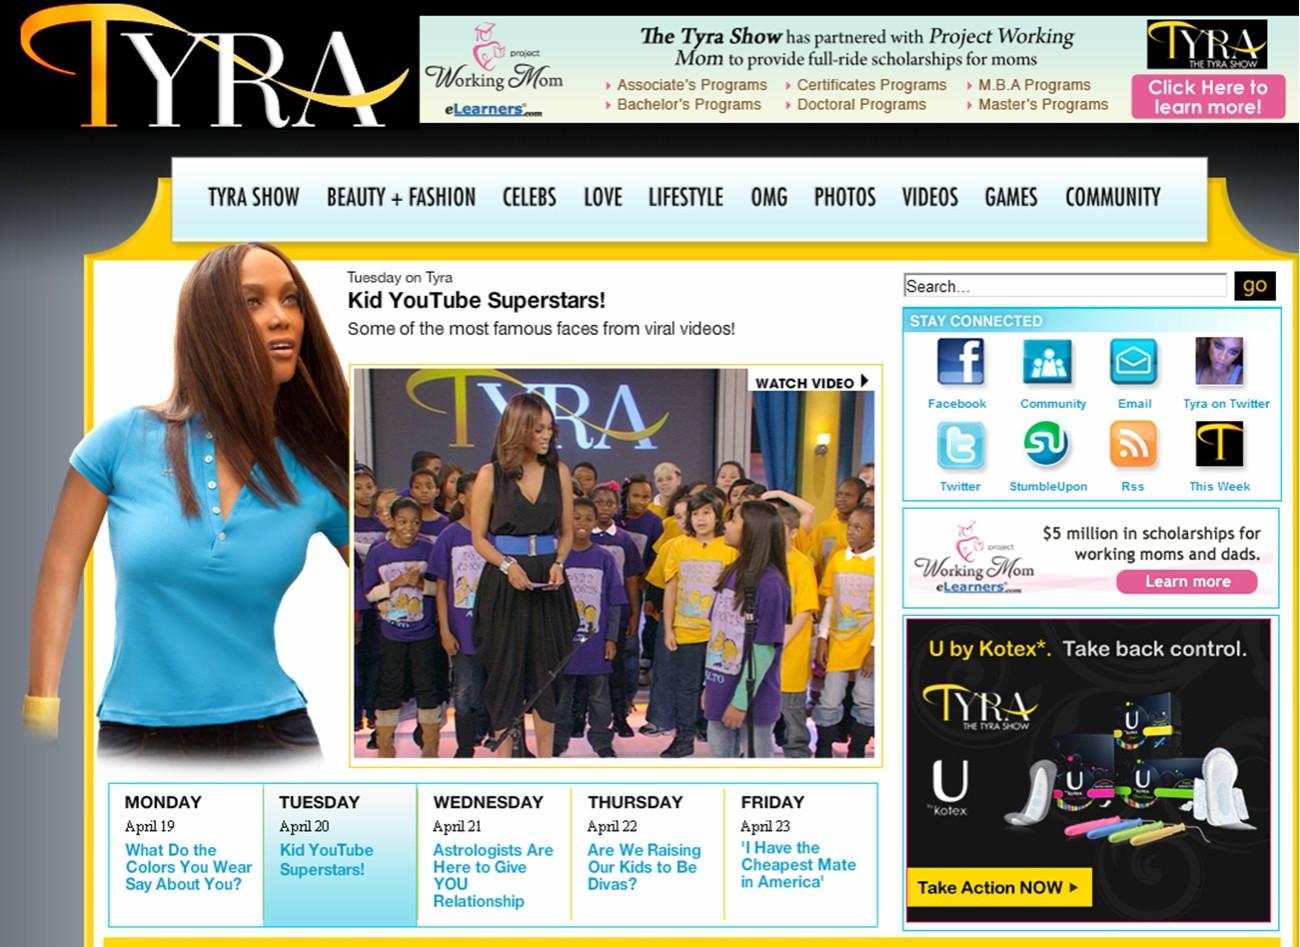 http://3.bp.blogspot.com/_CTiM7HoqlfM/S8nU0CbjraI/AAAAAAAAD0k/H3zIqVzqKW4/s1600/Tyra+Show+preview.jpg